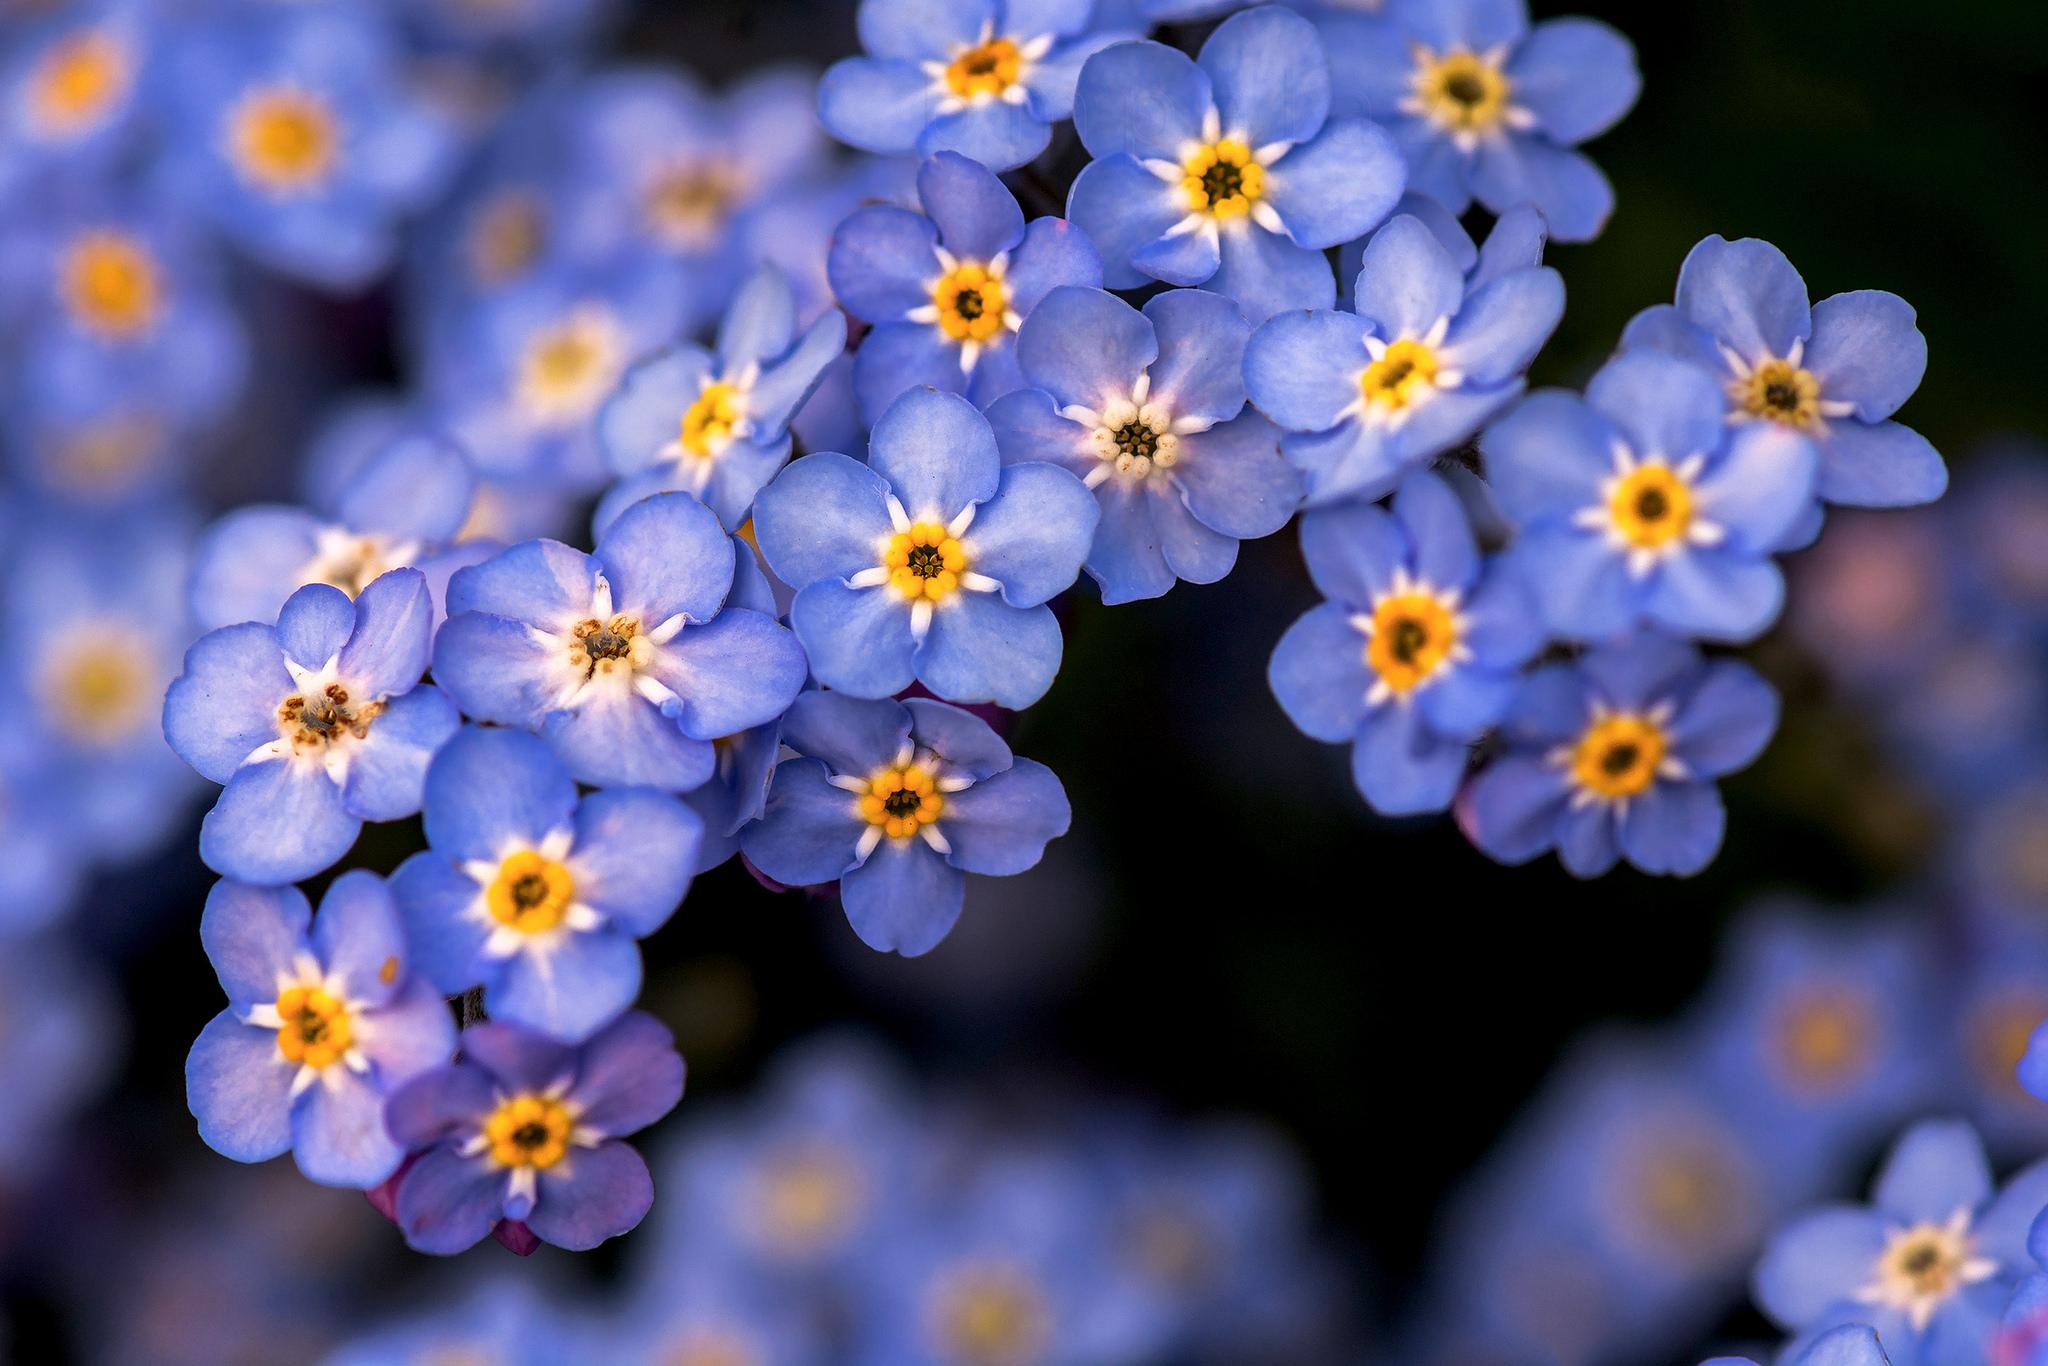 фото цветов незабудок весенний маникюр выберут